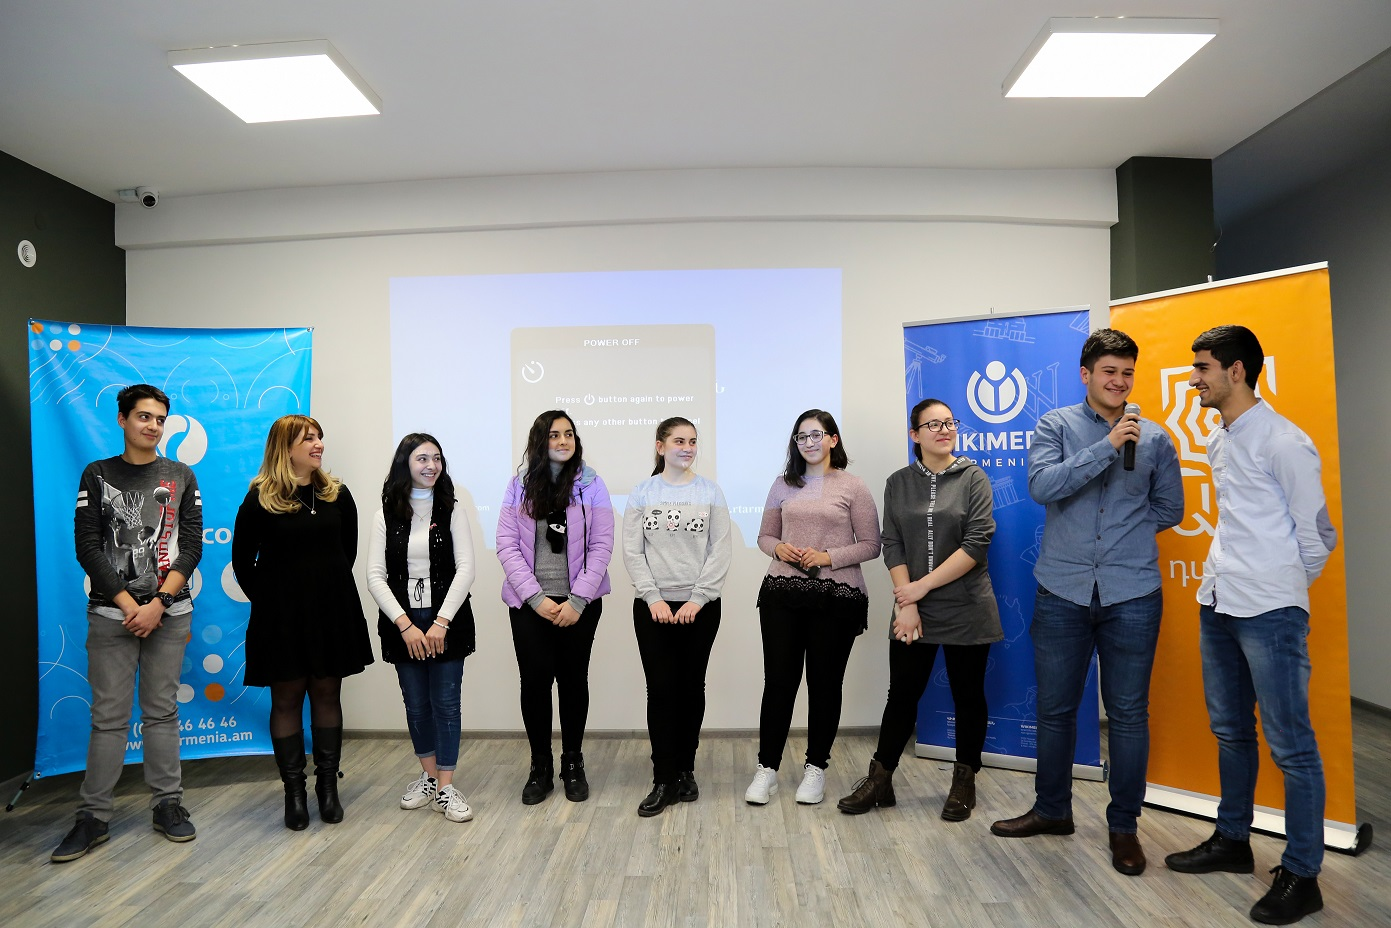 Ռոստելեկոմ. Երևանում իրականացնում է «Азбука Интернета» համակարգչային դասընթացների նոր փուլը